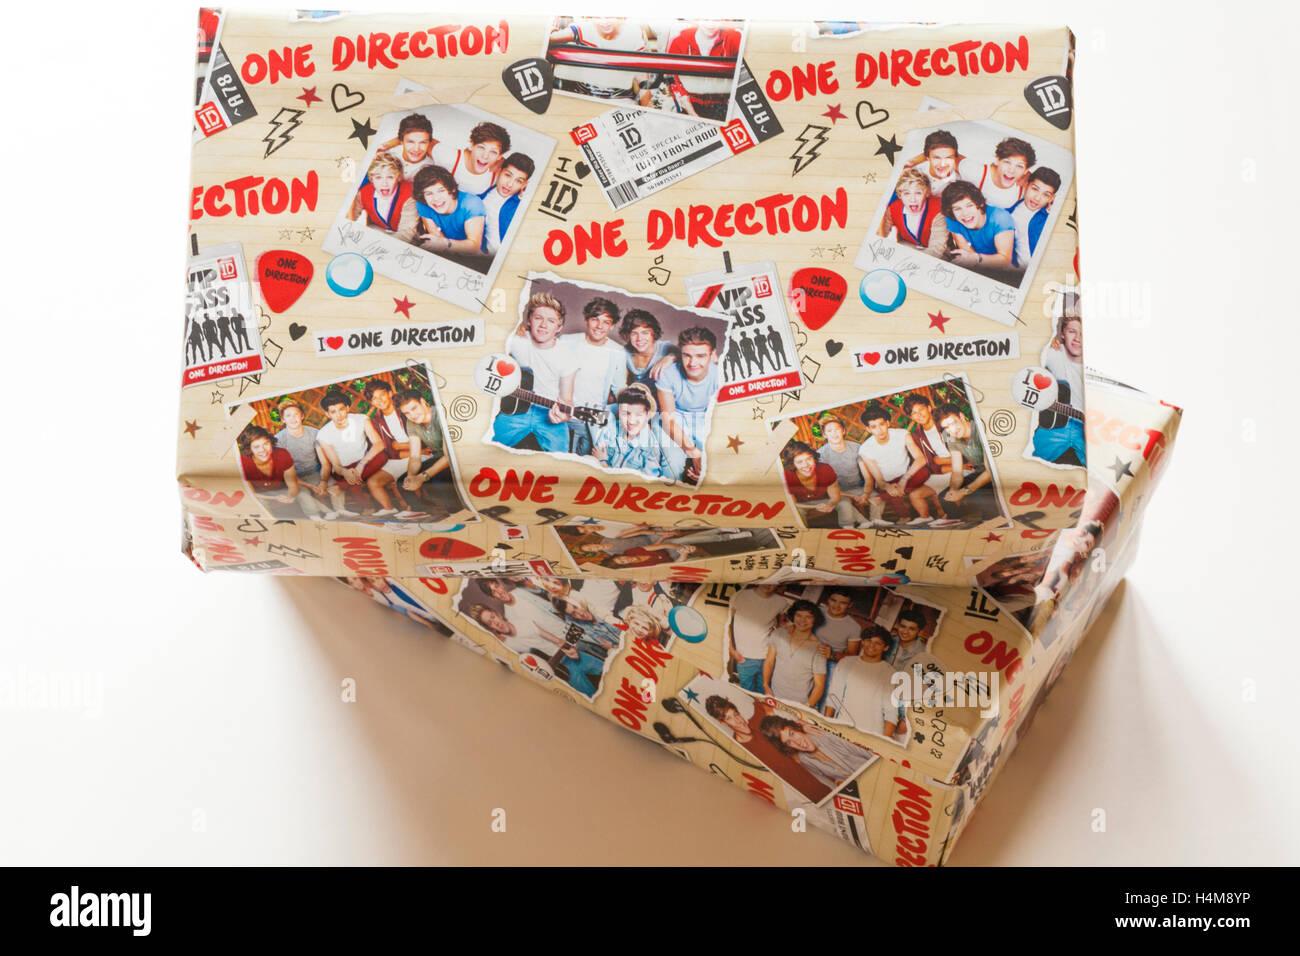 Weihnachten Schuhkartons in eine Richtung Geschenkpapier für ...